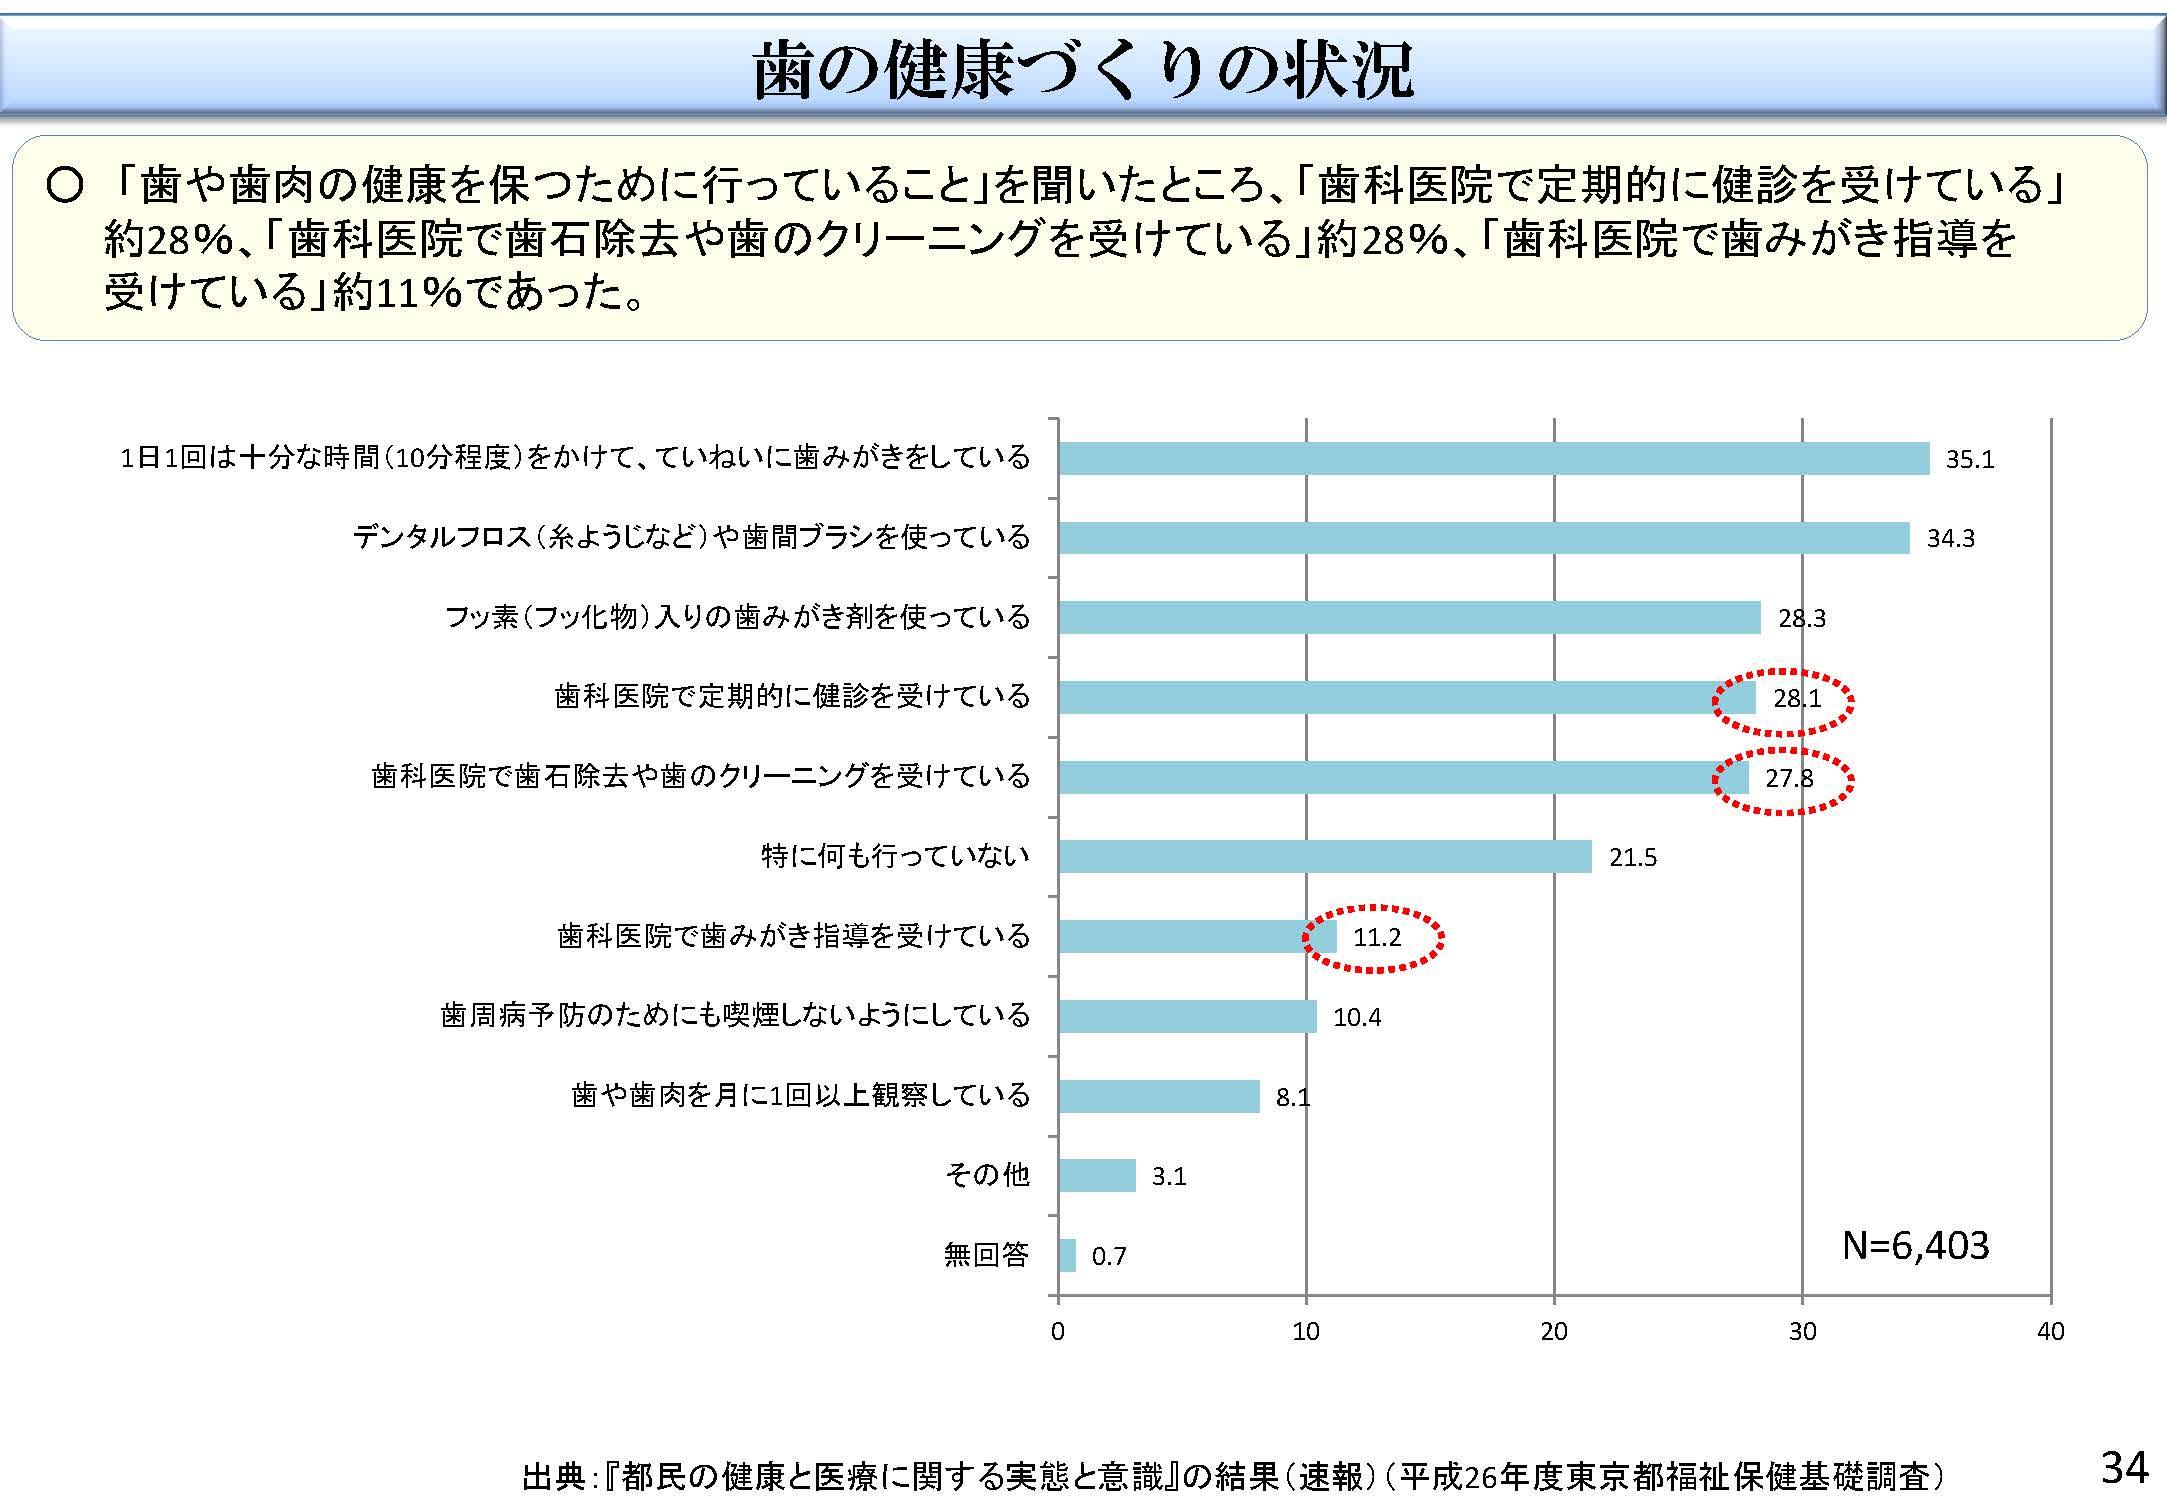 %e6%ad%af%e3%81%ae%e5%81%a5%e5%ba%b7%e3%81%a4%e3%82%99%e3%81%8f%e3%82%8a%e6%84%8f%e8%ad%98%e8%aa%bf%e6%9f%bb